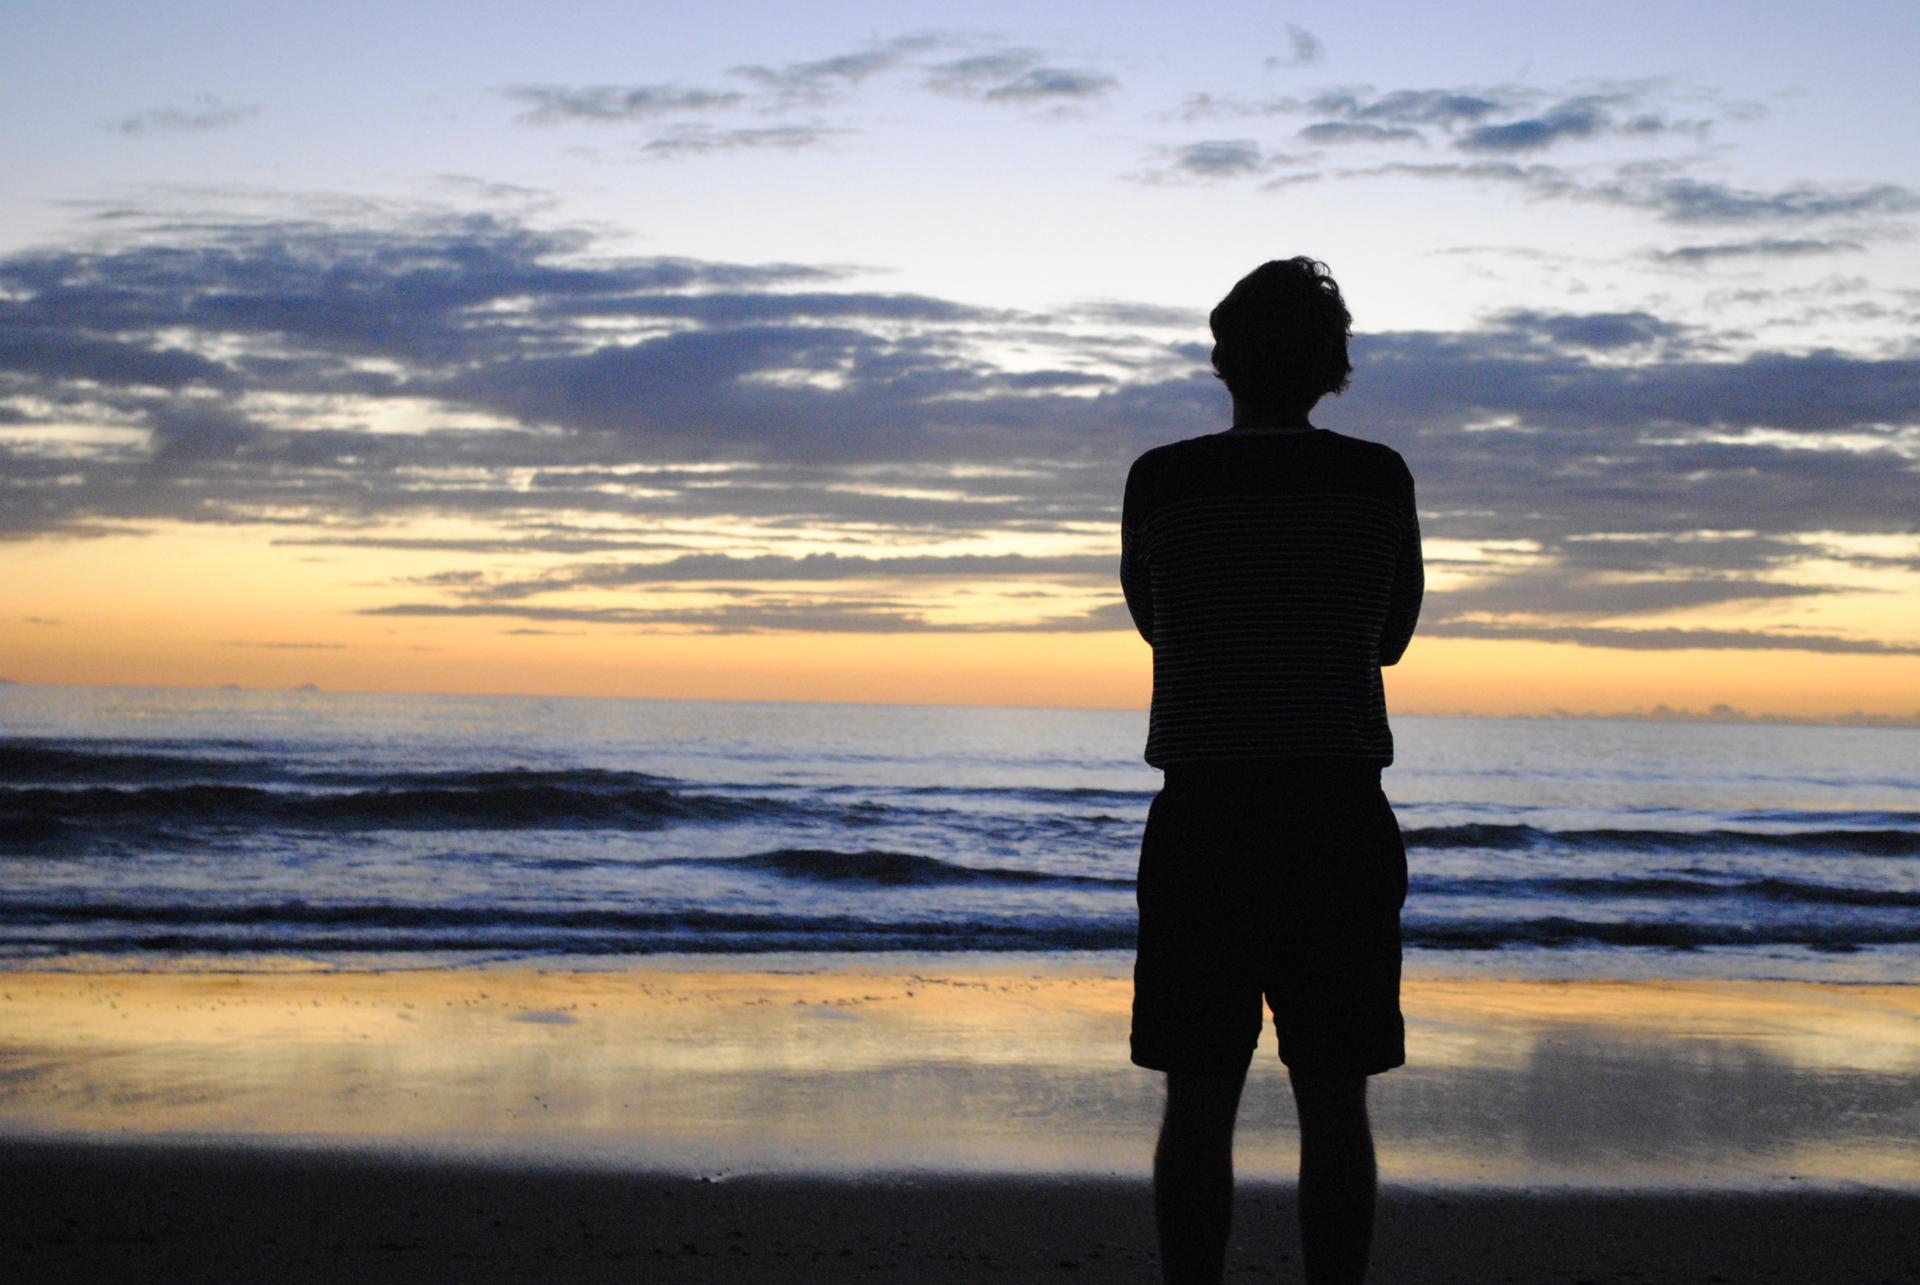 homme libre toujours tu chériras la mer